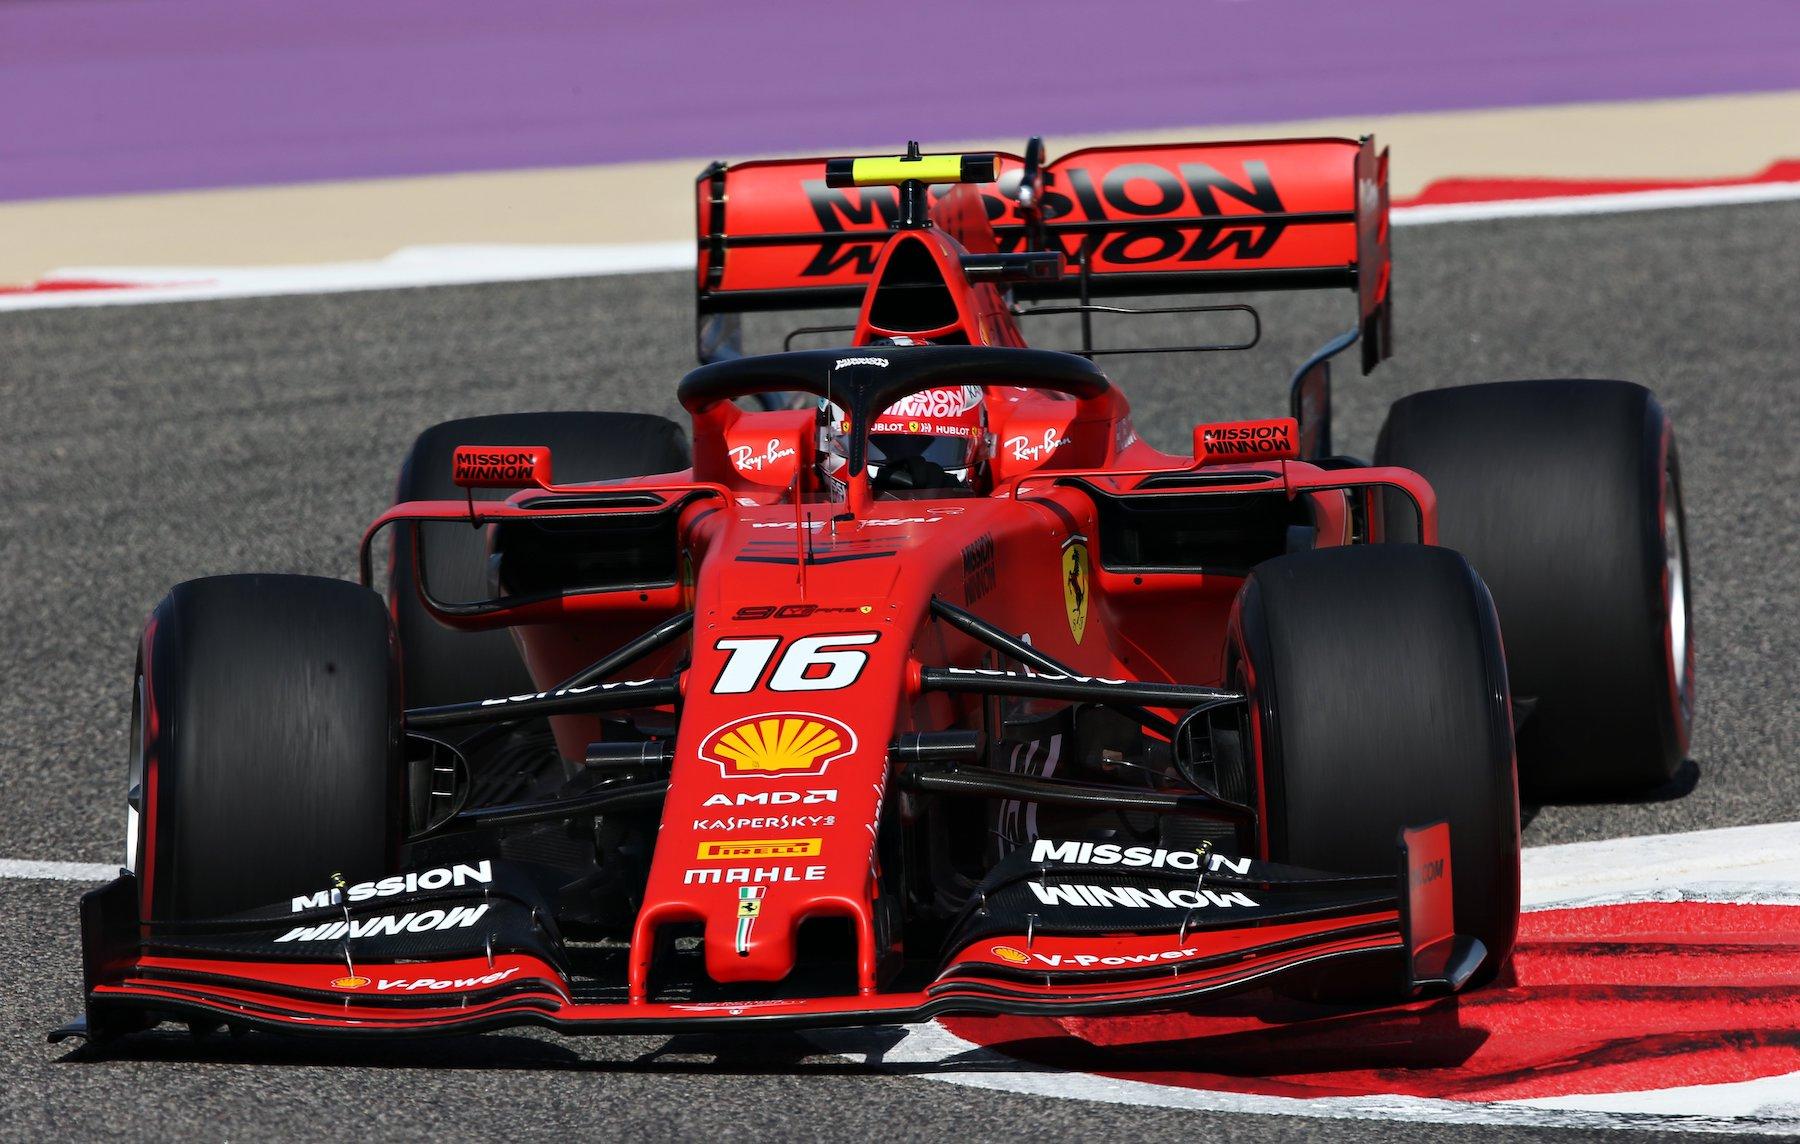 1 2019 Charles Leclerc | Ferrari SF90 | 2019 Bahrain GP FP1 1 copy.jpg